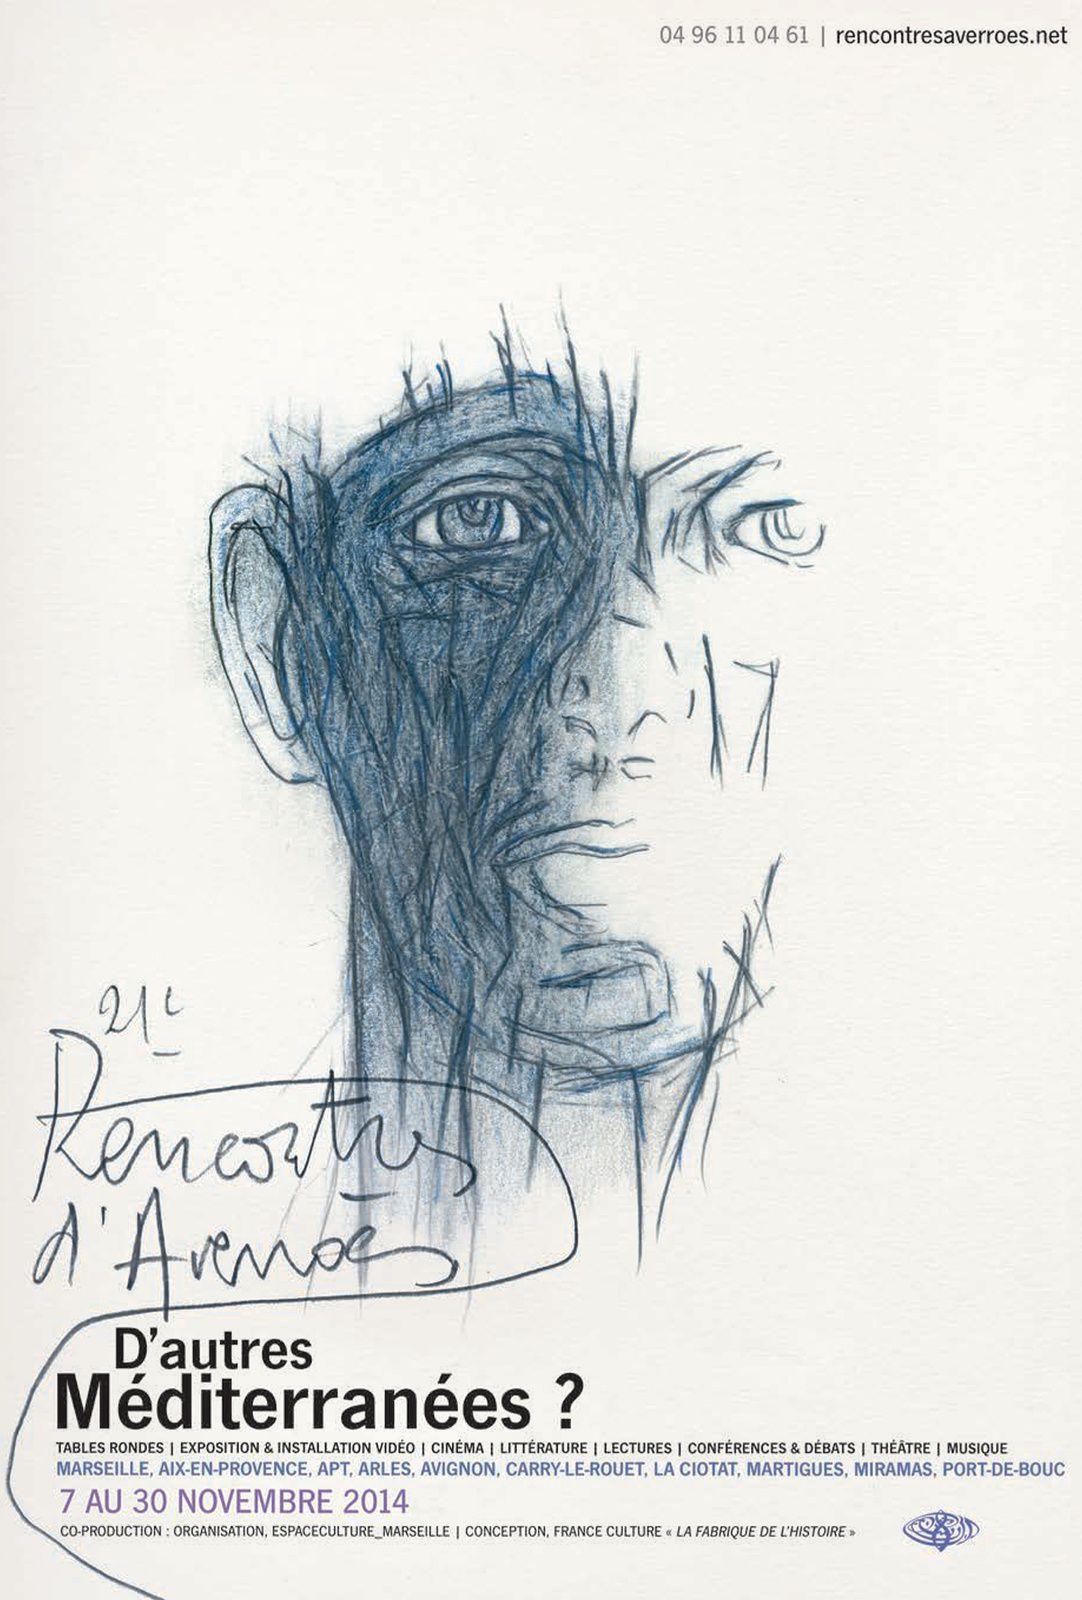 28 &amp&#x3B; 29/11/14 - Rencontres d'Averroès - Le temps fort